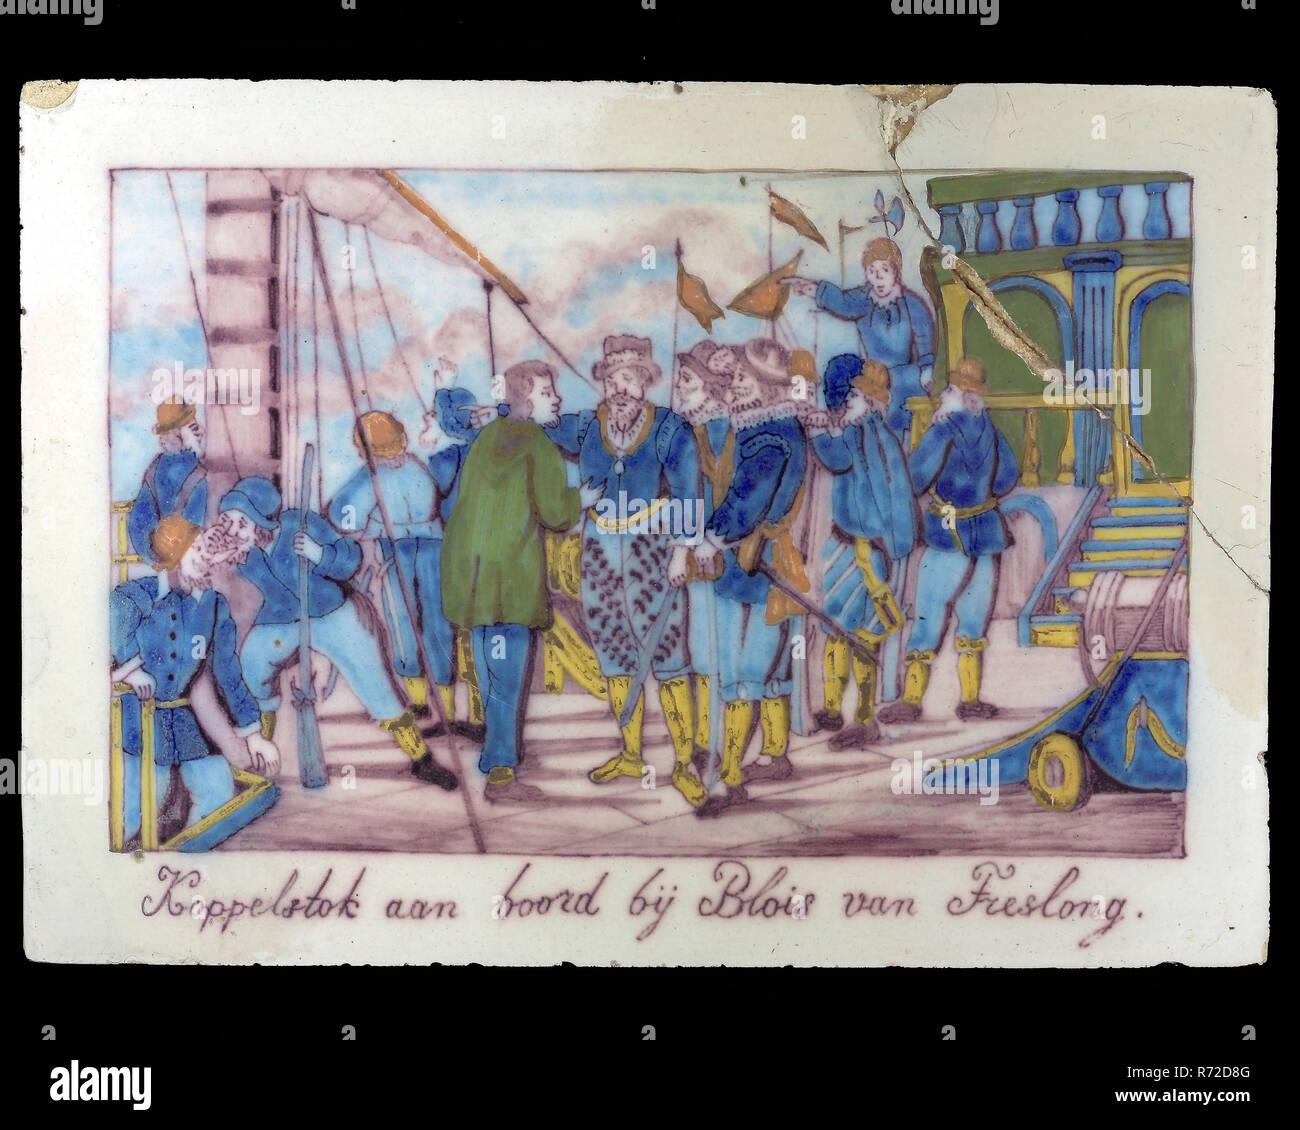 Multi Couleur Tuile Rectangulaire Avec Image Historique Dock Sur La Plaque En Blois Van Treslong Sculpture